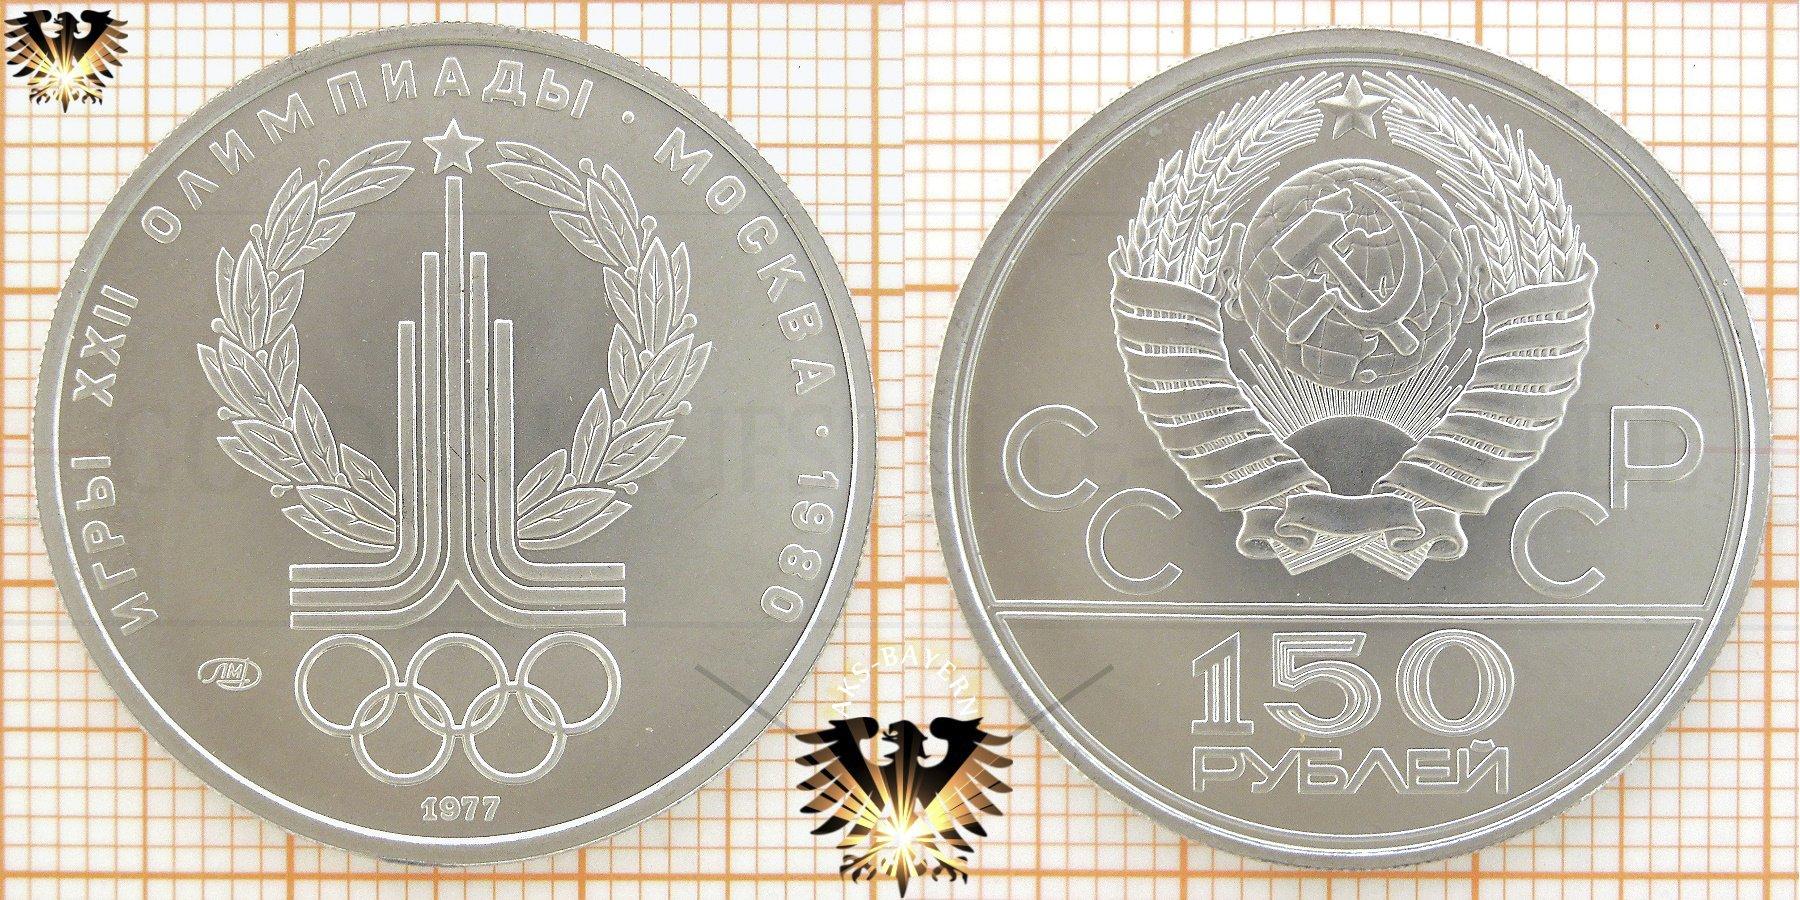 150 rubel 1977 cccp russland olympiade moskau 1980 platin